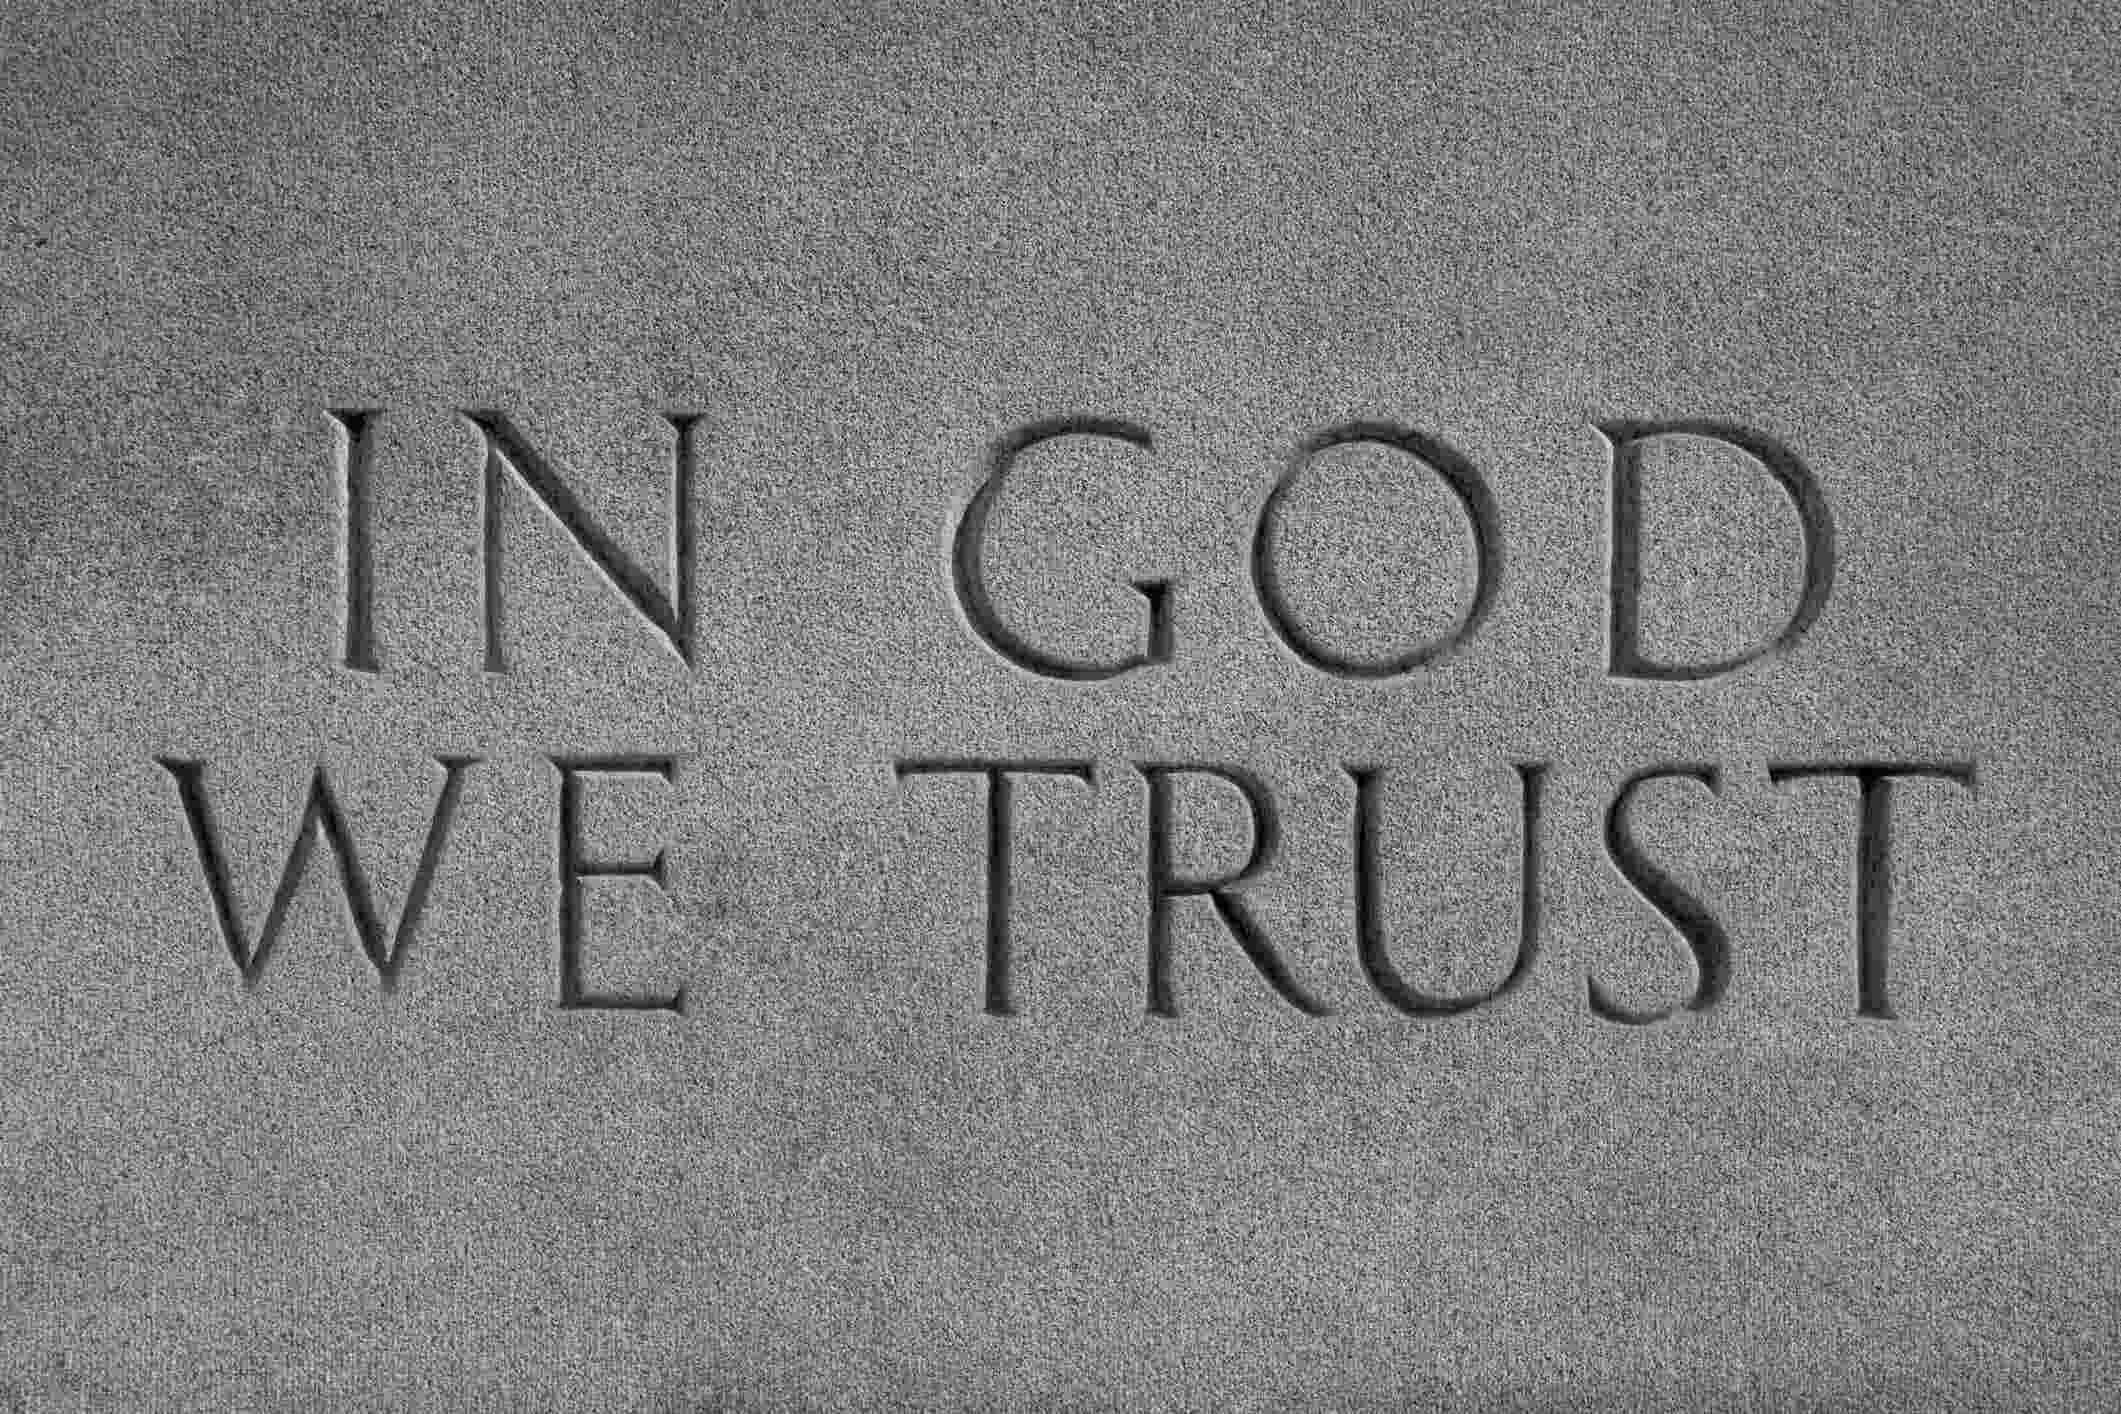 ın god we trust ile ilgili görsel sonucu